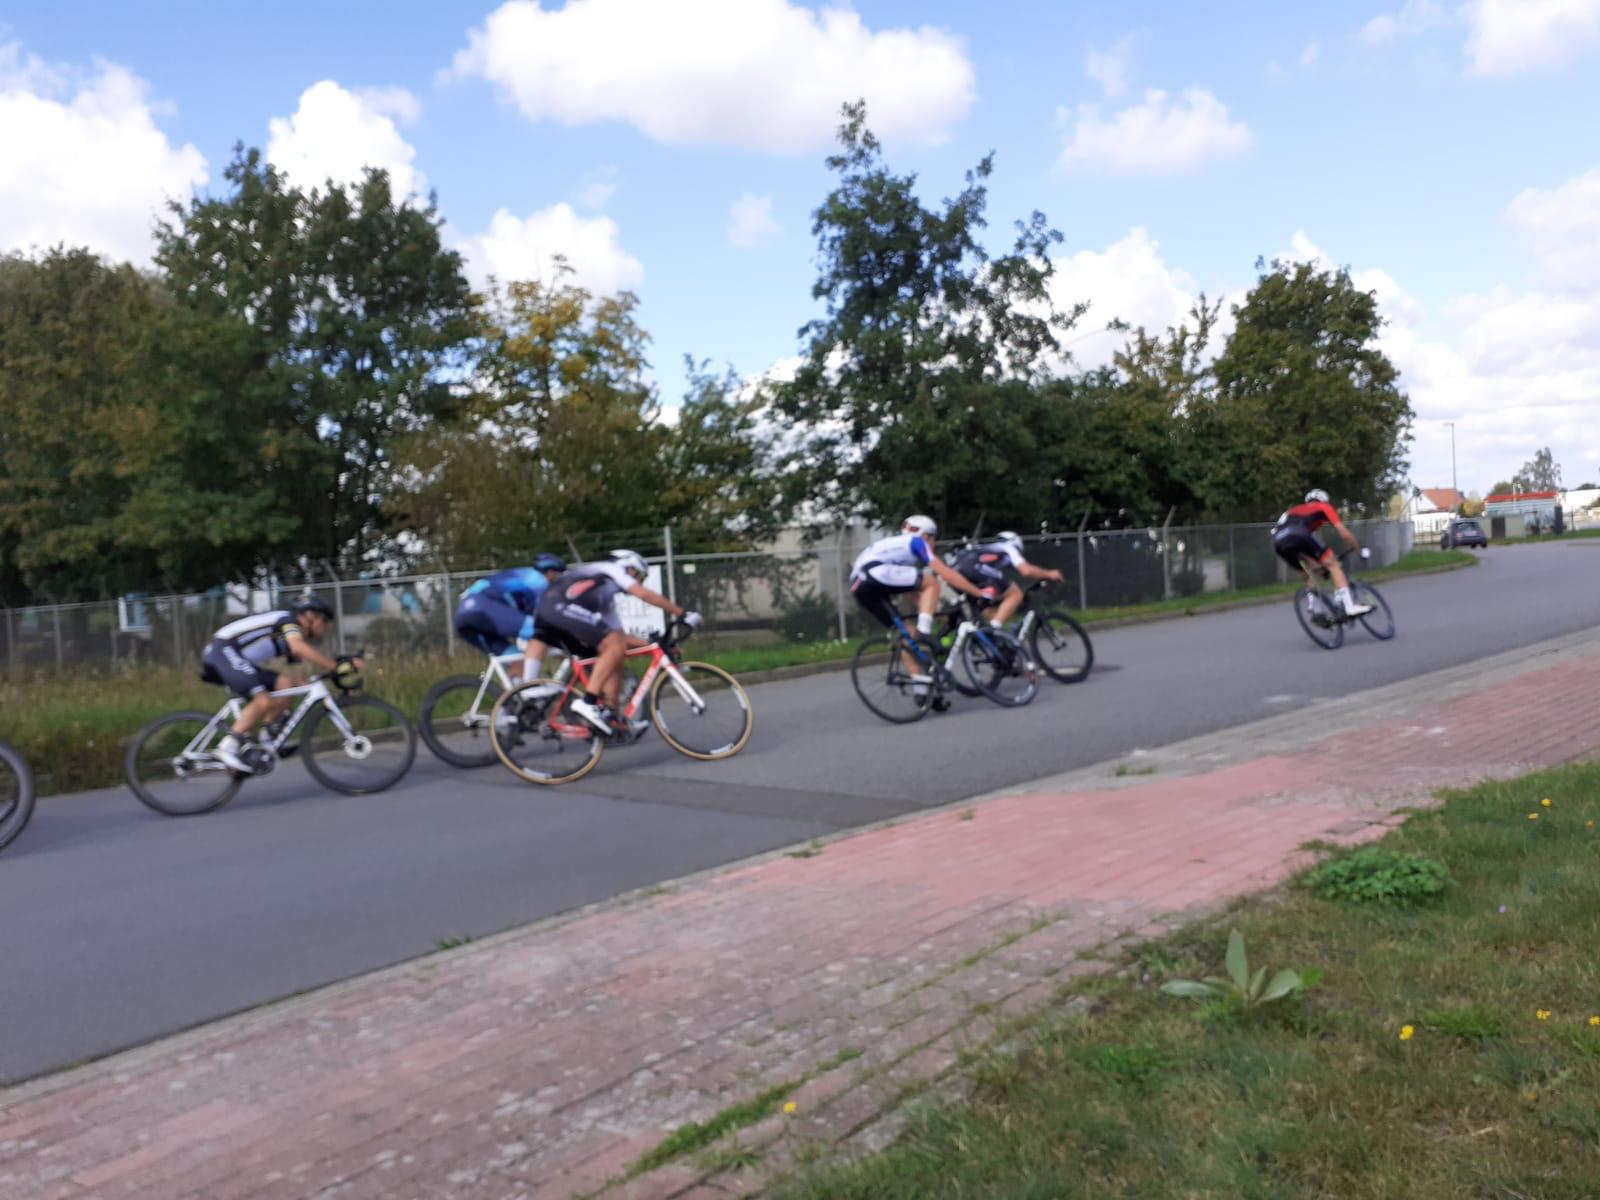 Bernhard Walterscheid-Müller Cycling Club Düsseldorf an führender Position beim Rennen in Melle